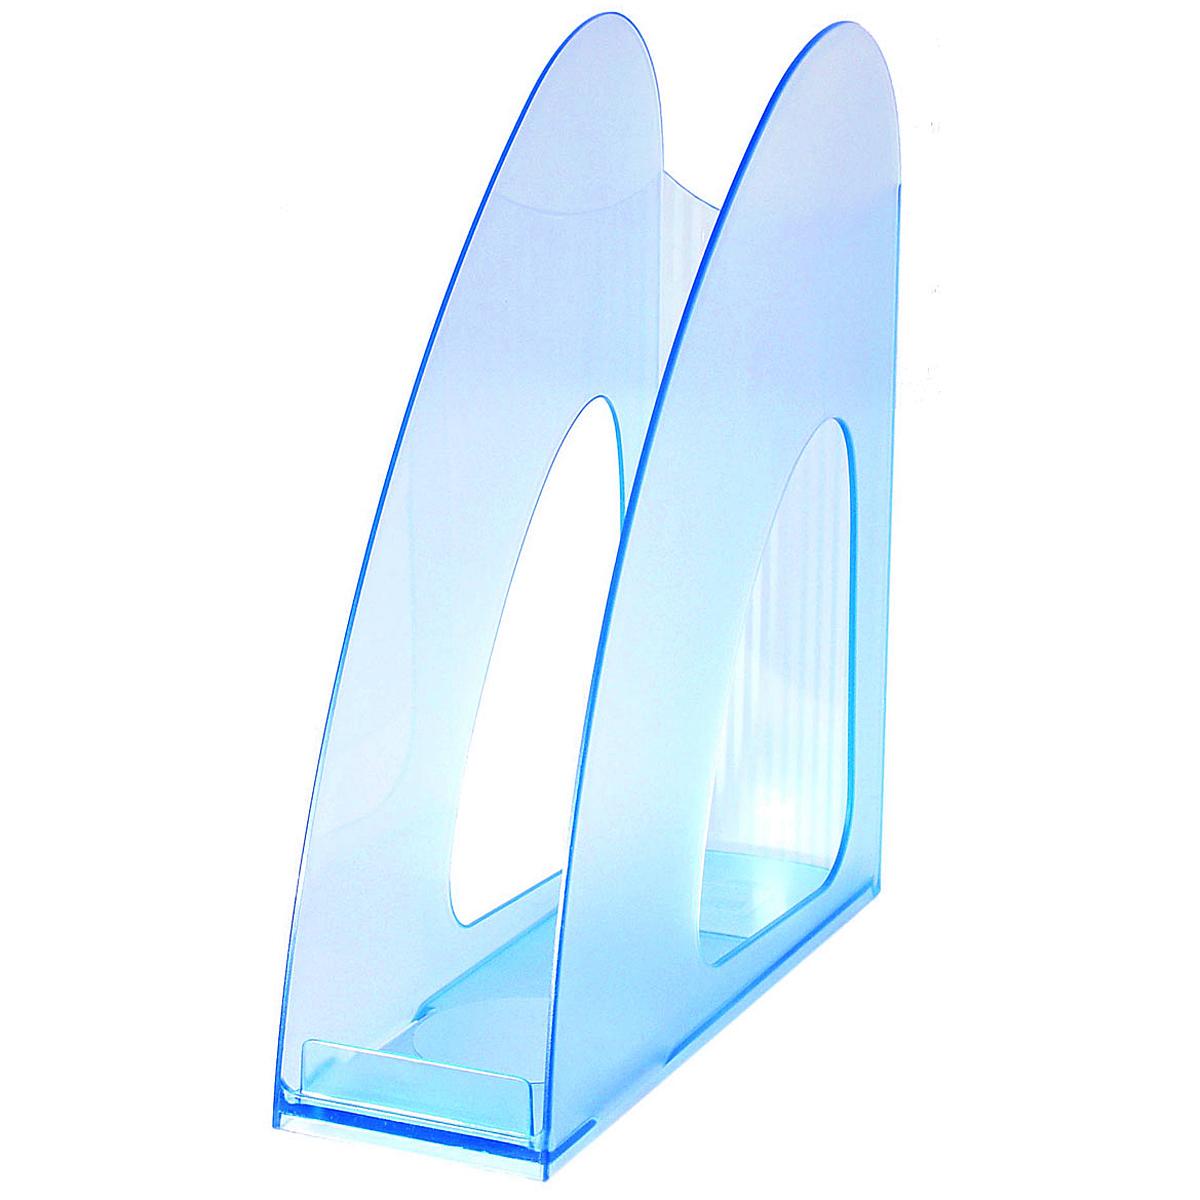 Лоток для бумаг вертикальный HAN Twin, прозрачный, цвет: голубойFS-54100Вертикальный лоток для бумаг HAN Twin с оригинальным дизайном корпуса поможет вам навести порядок на столе и сэкономить пространство.Лоток изготовлен из высококачественного антистатического прозрачного пластика. Низкий передний порог облегчает изъятие документов из накопителя.Благодаря лотку для бумаг, важные бумаги и документы всегда будут под рукой.